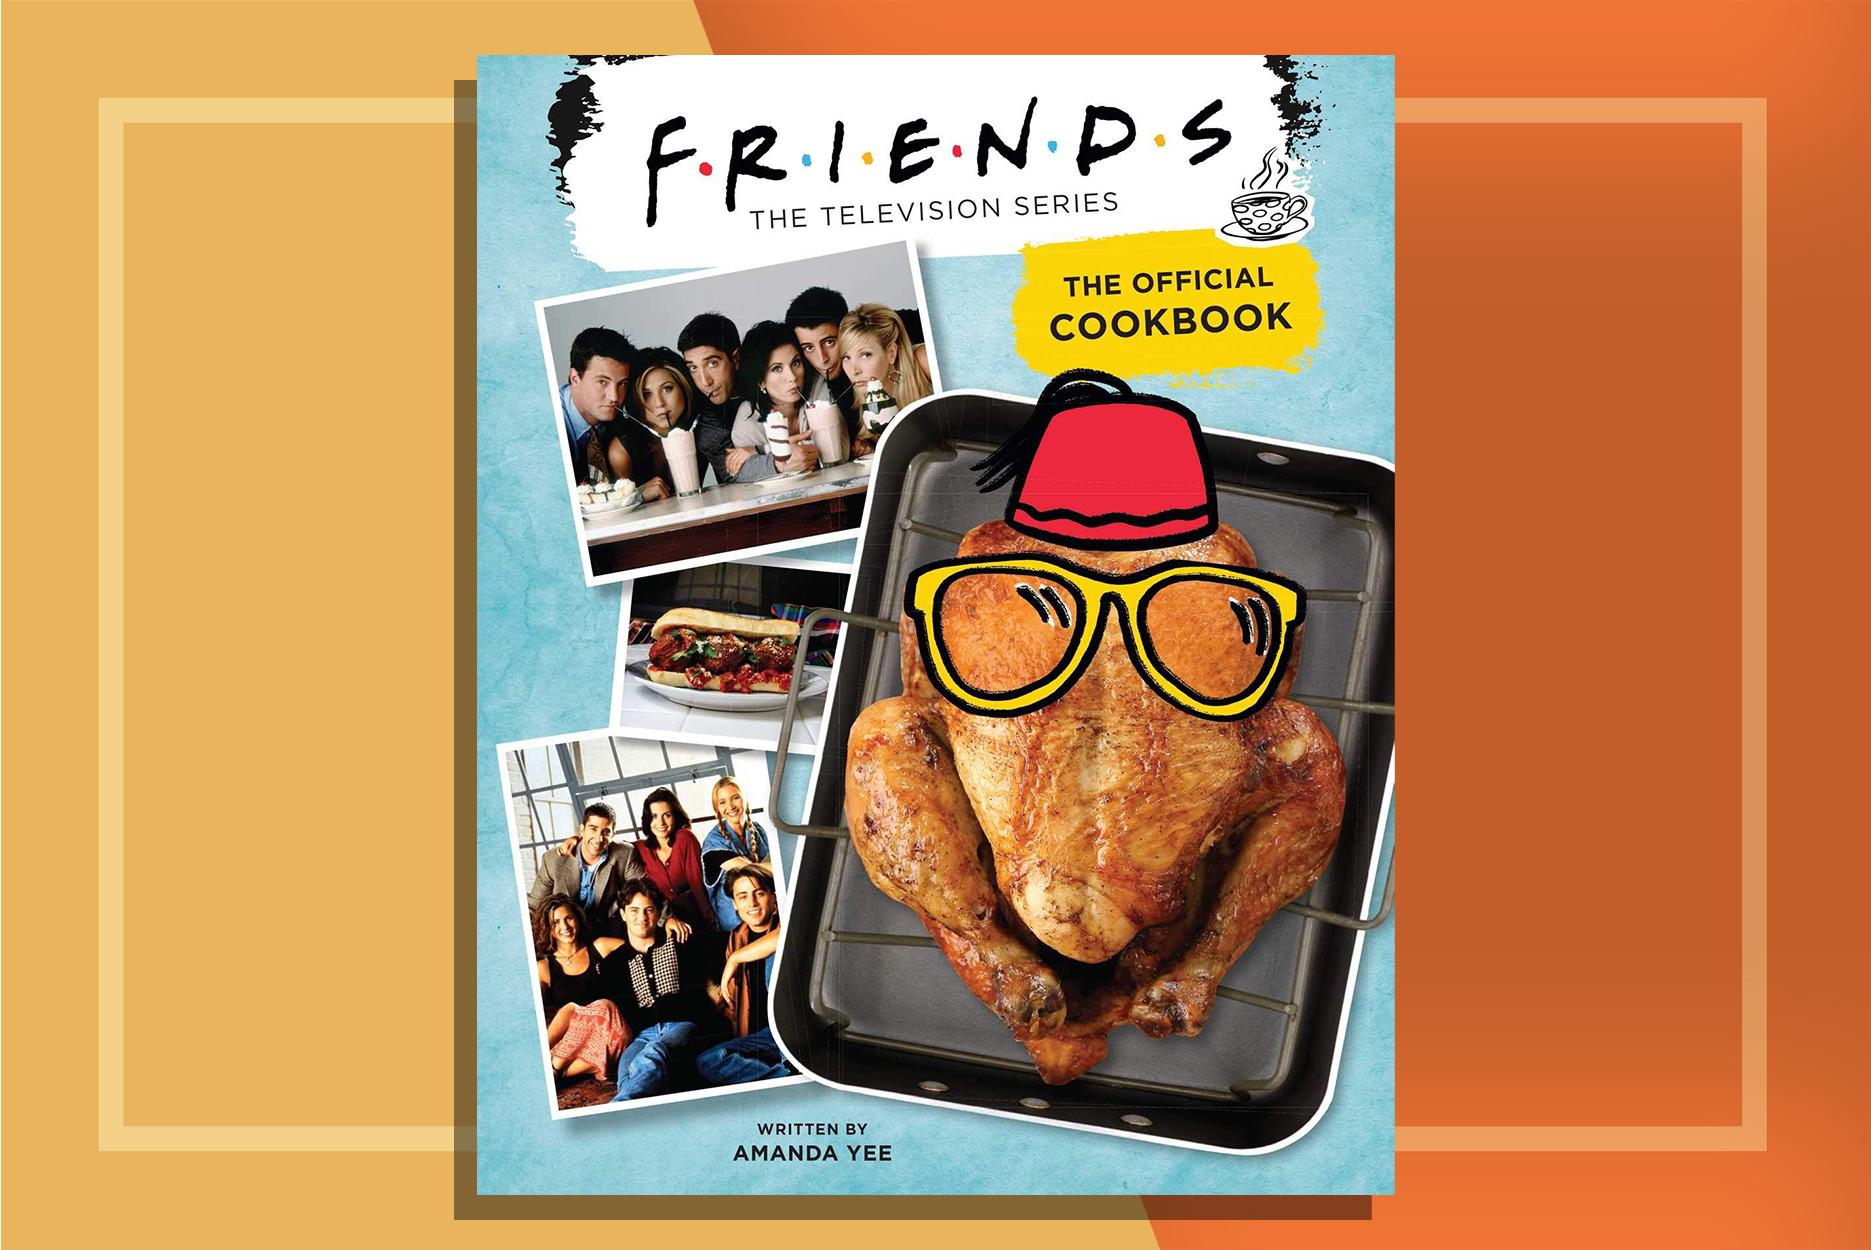 Official 'Friends' Cookbook